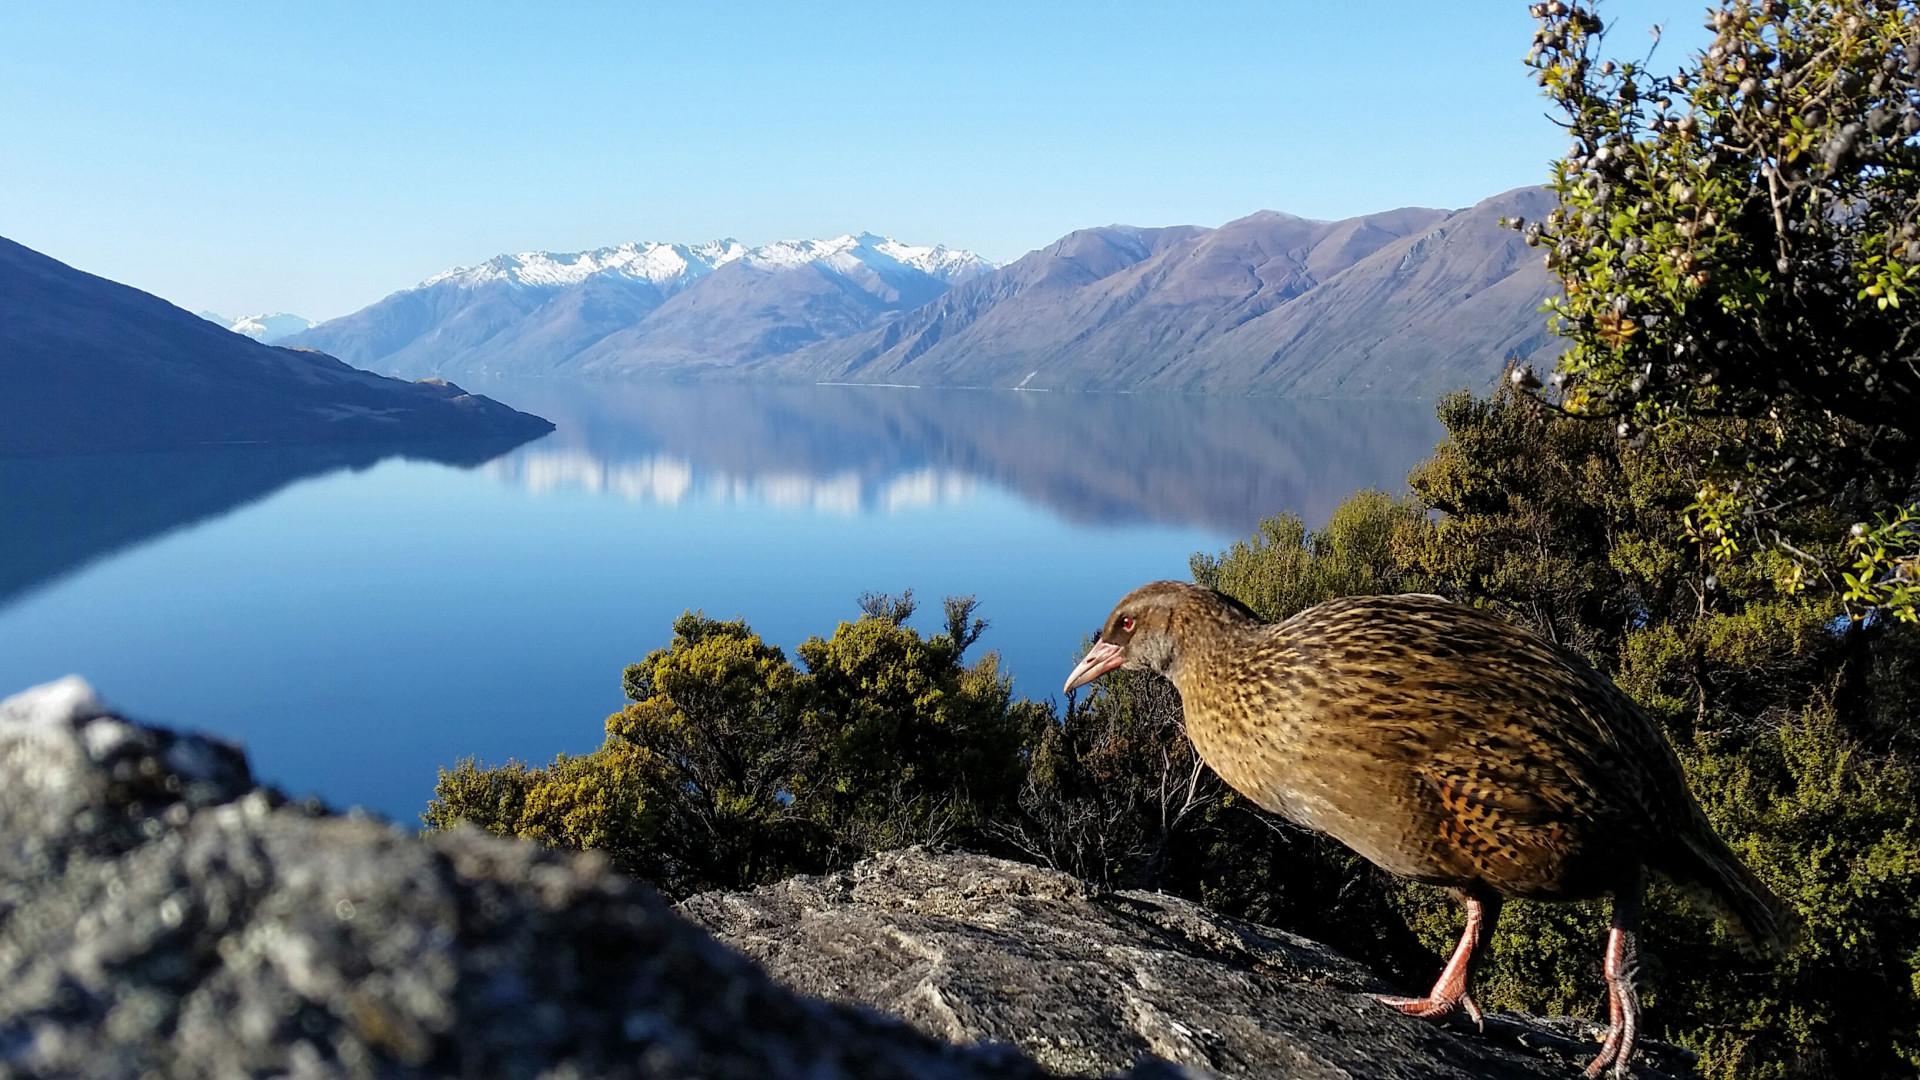 A rare bird on Mou Waho, Lake Wanaka